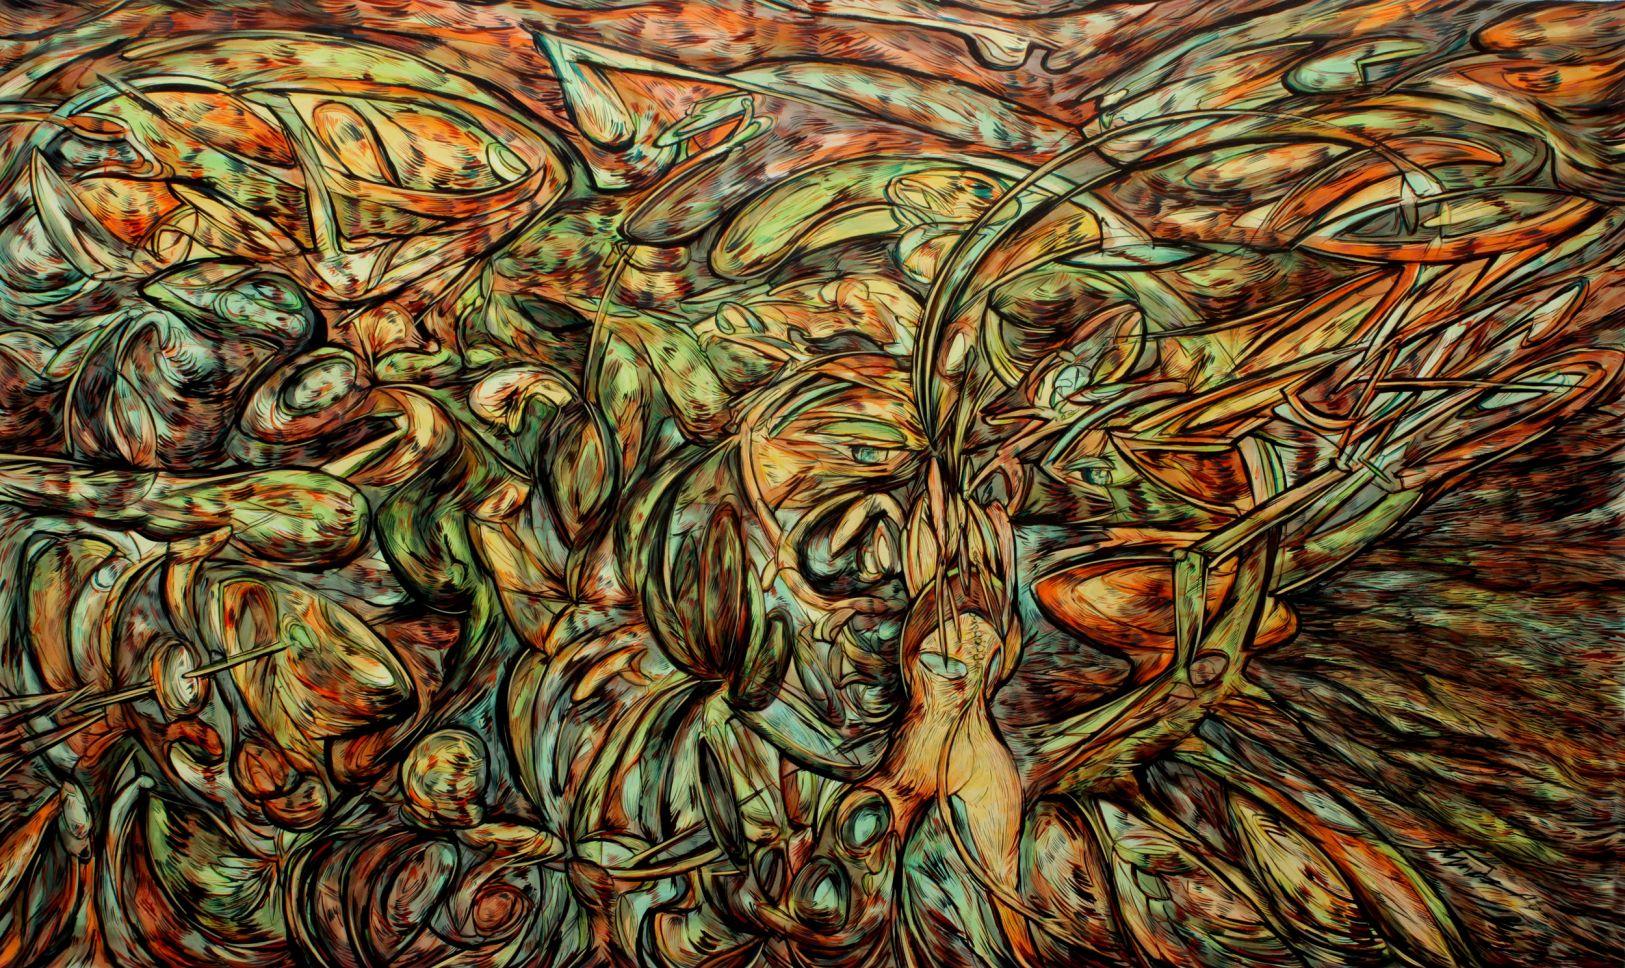 Pintura n°8 (2019) - Alejandro Mendez